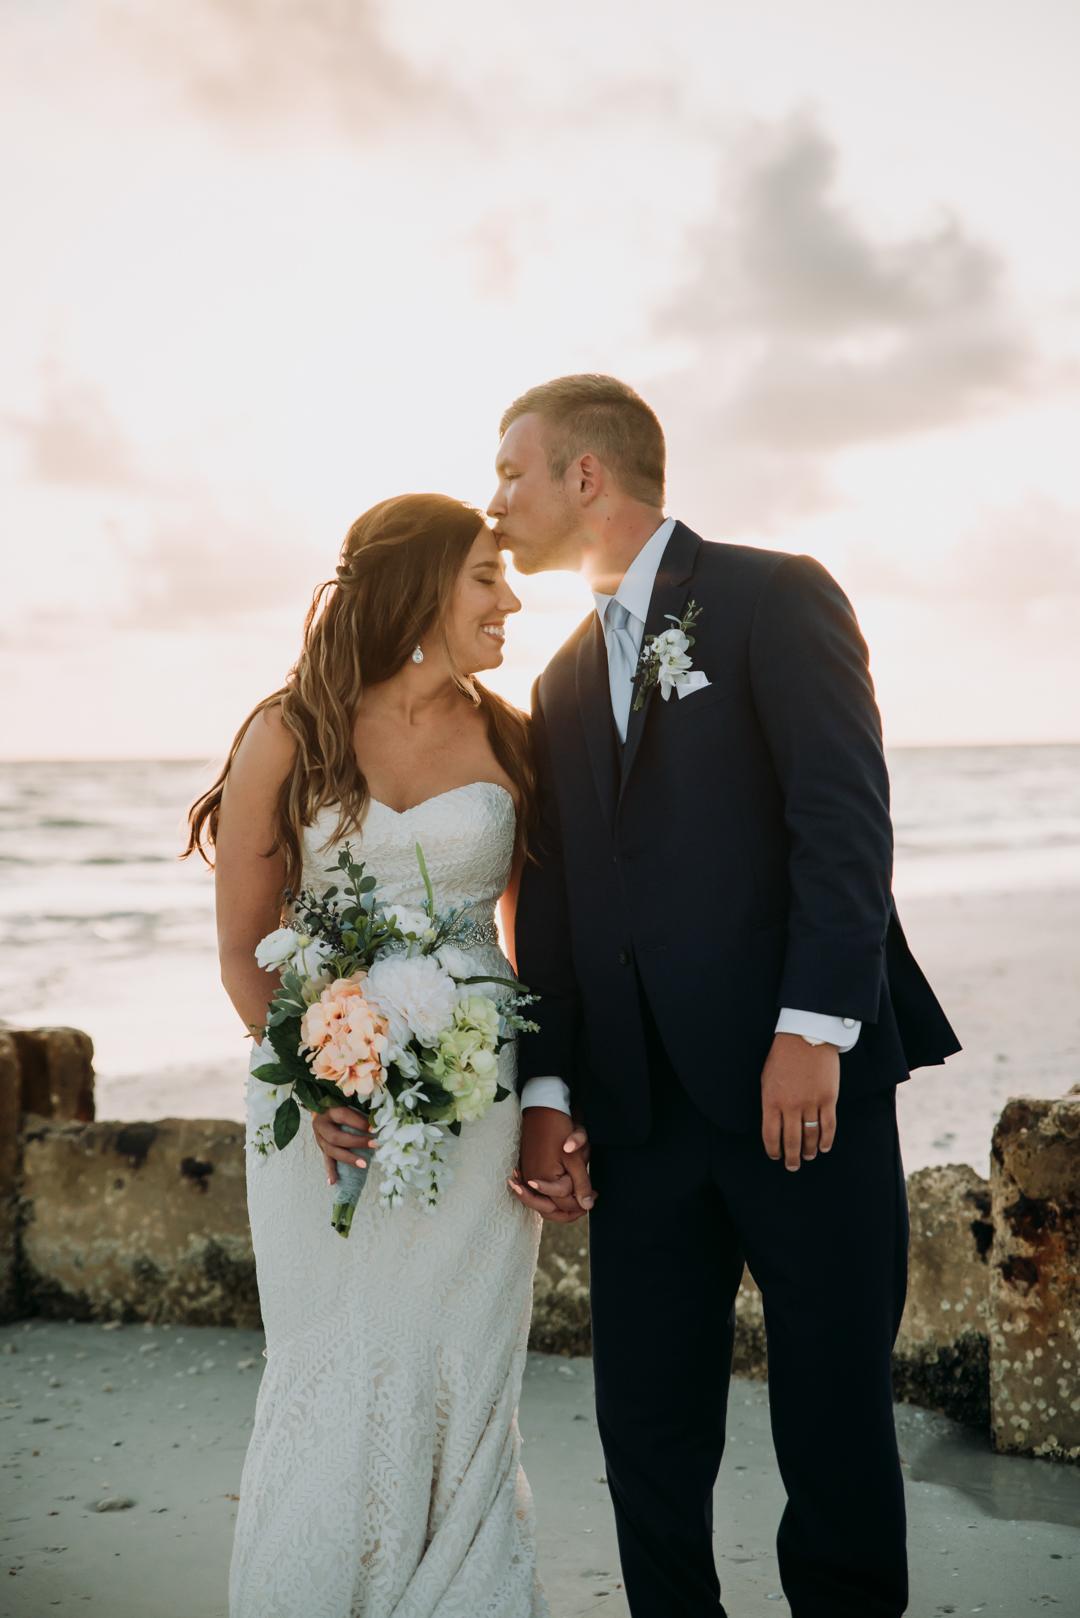 honeymoon-island-wedding-anastasia-noel-173.jpg